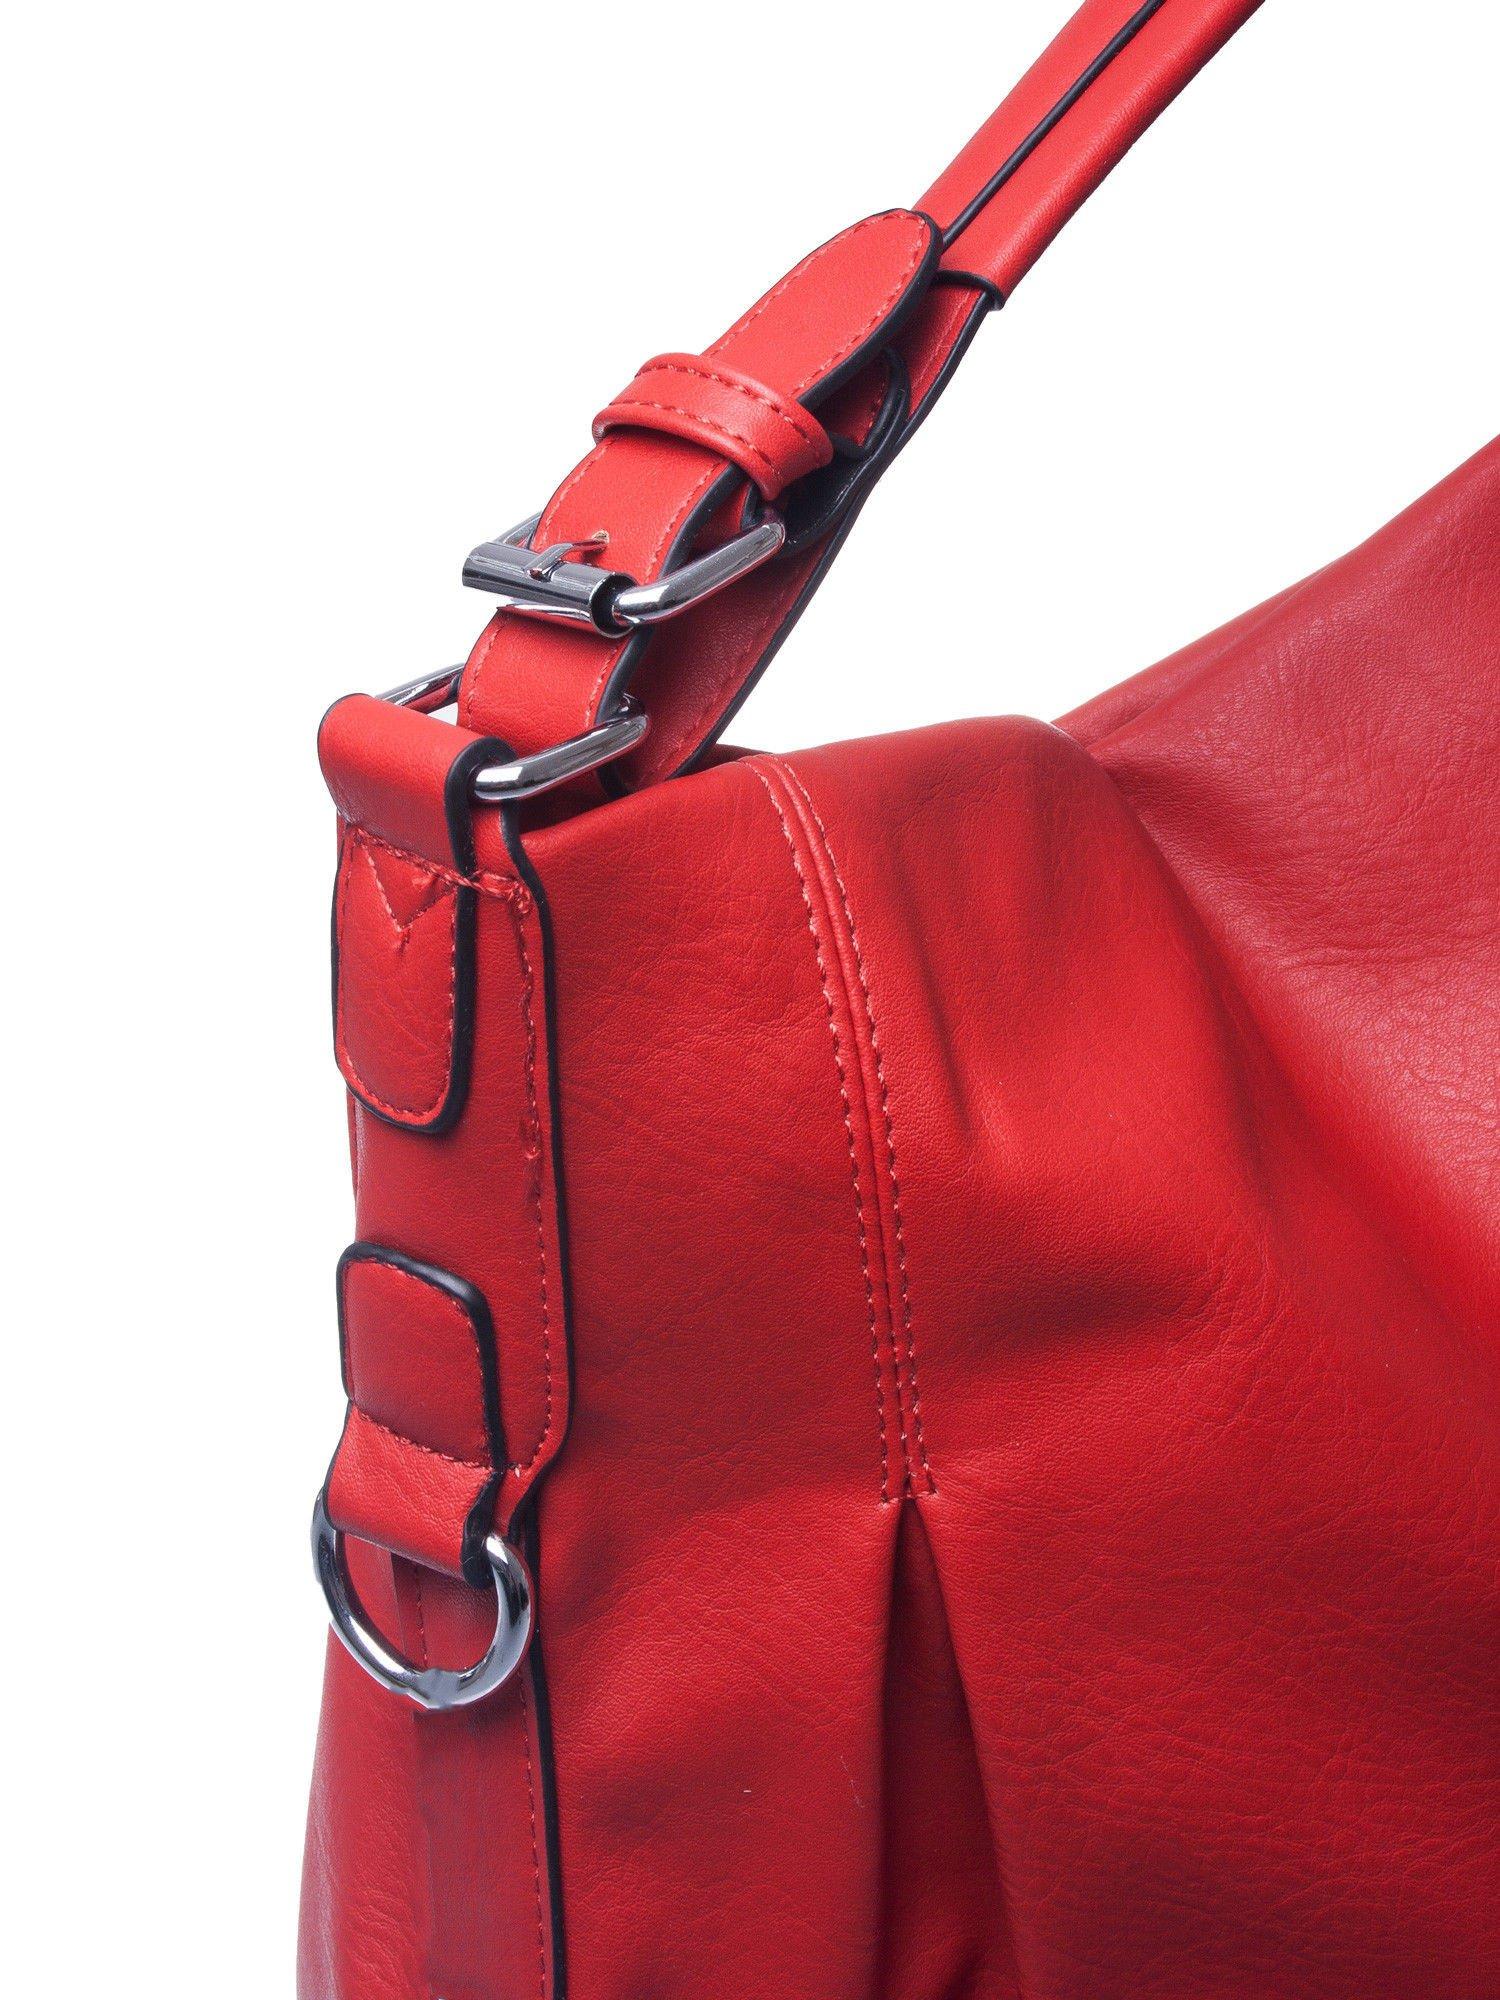 Czerwona torebka hobo na ramię                                  zdj.                                  4